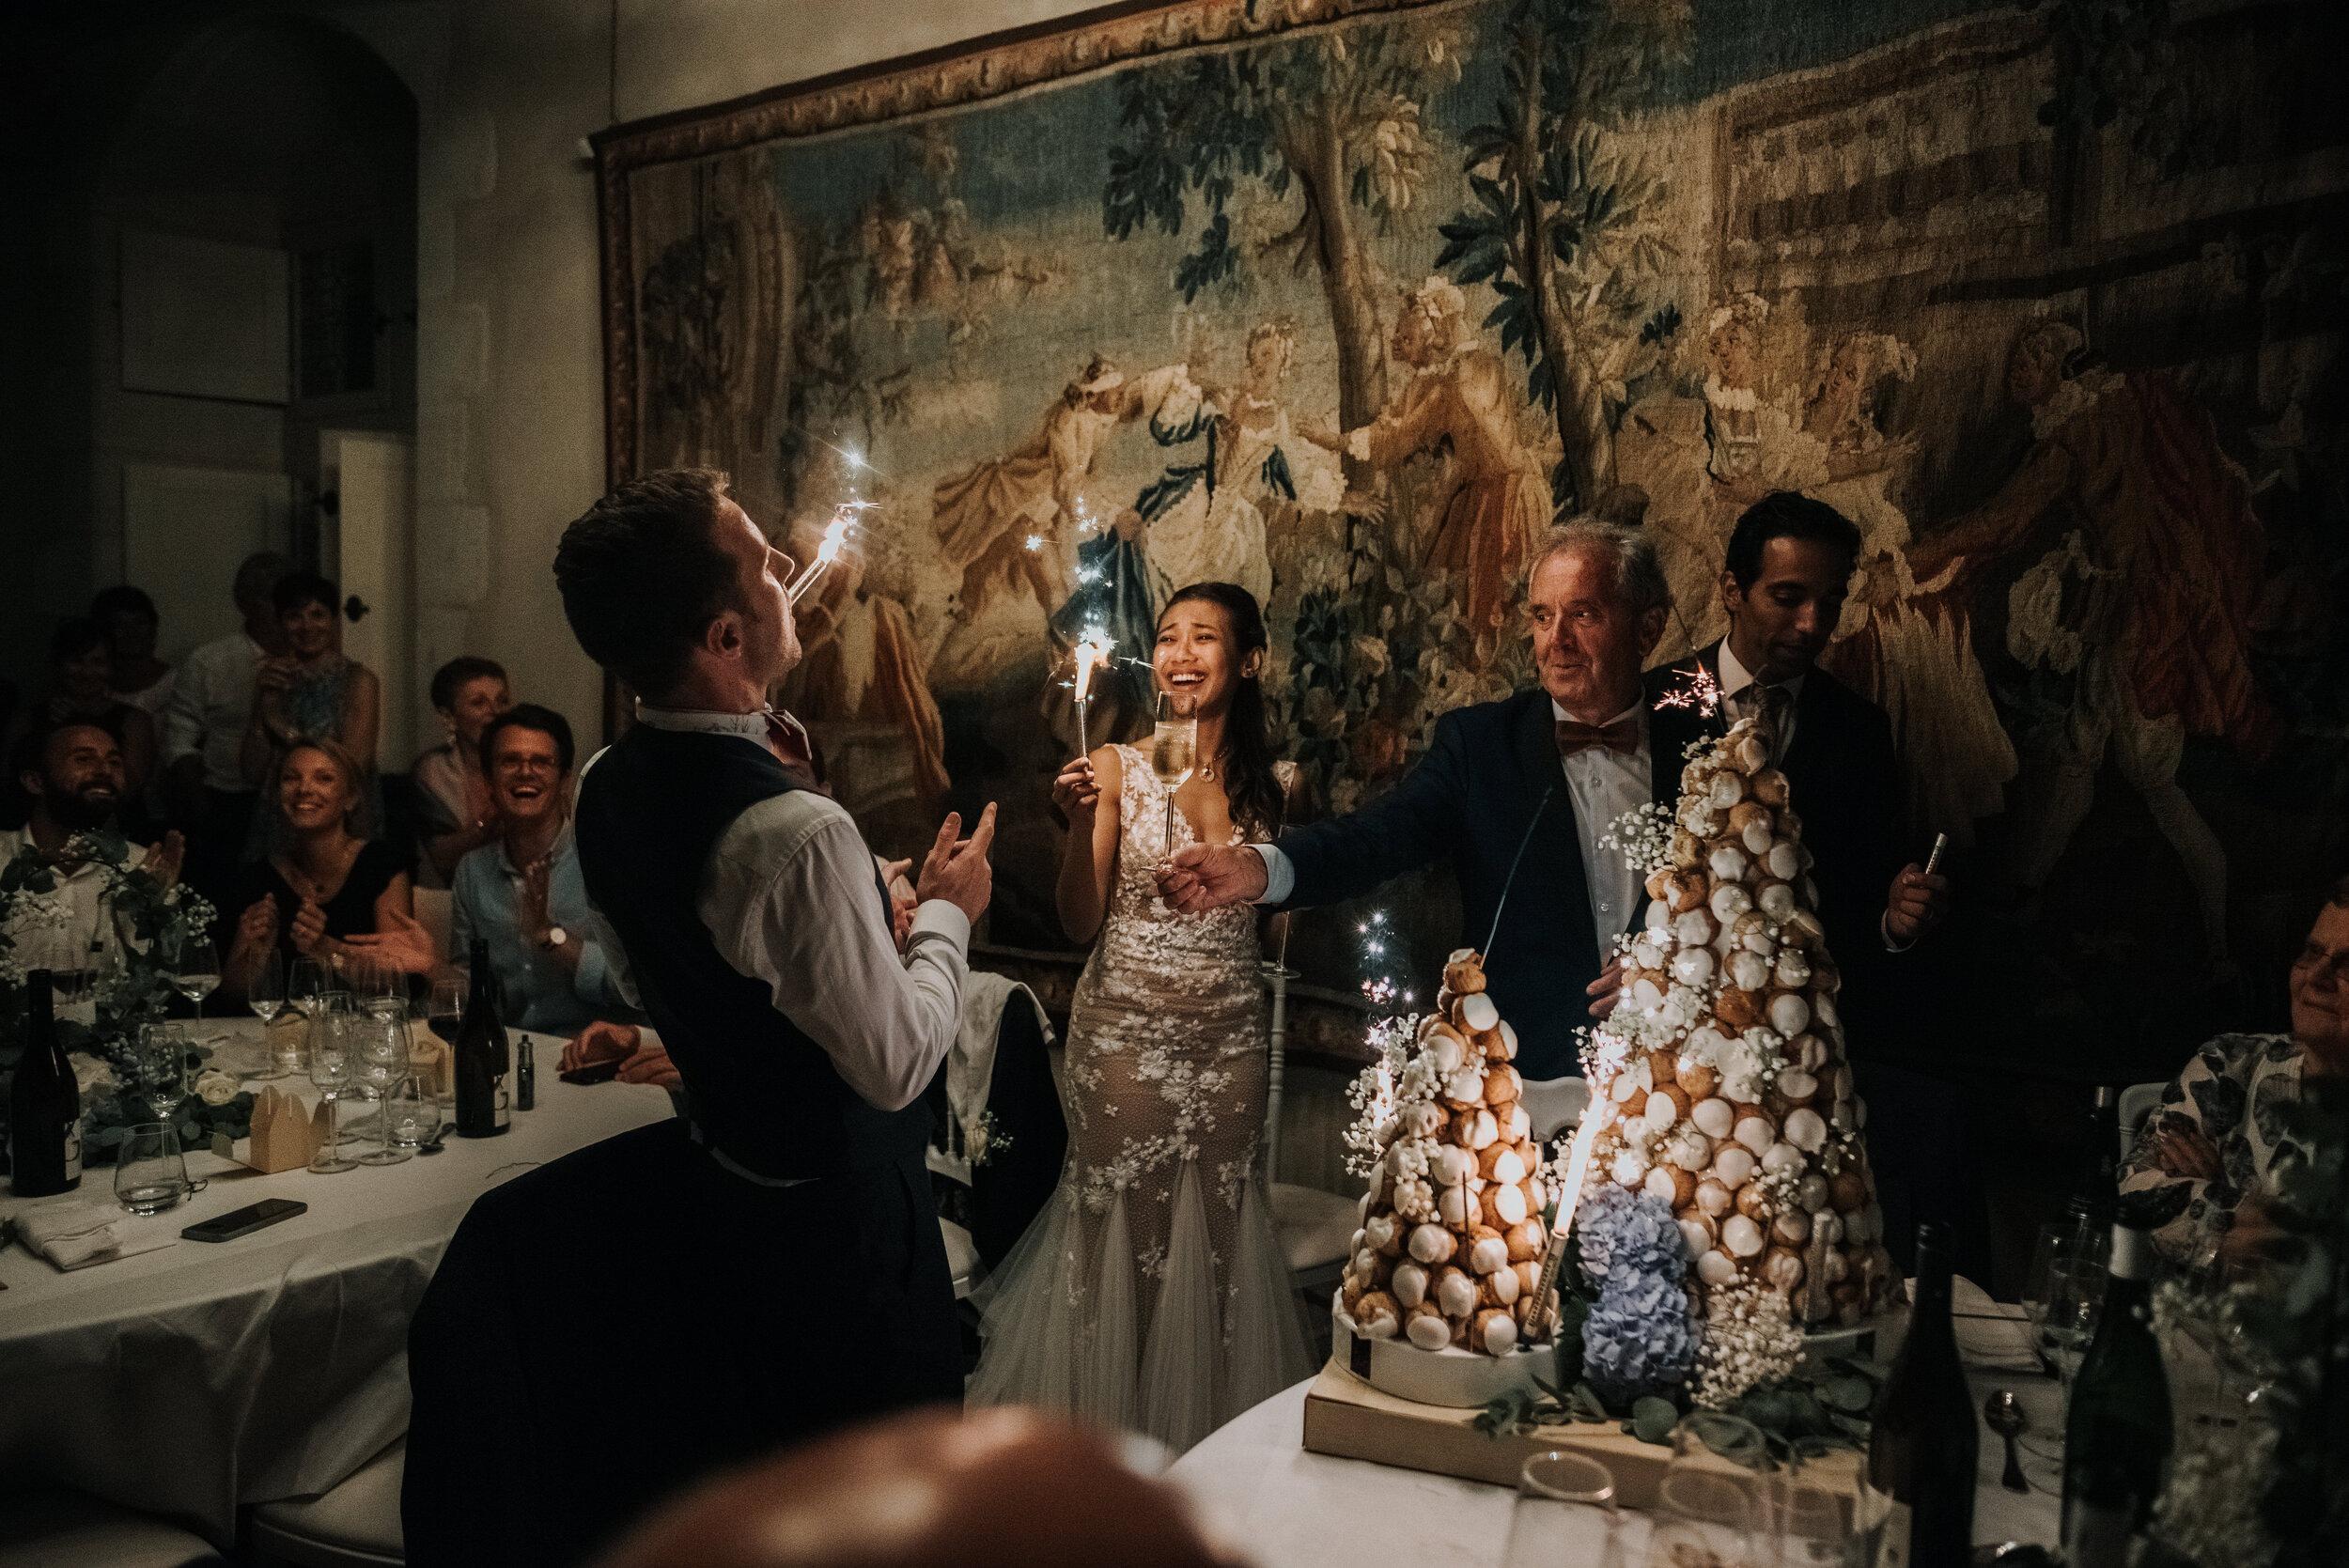 Léa-Fery-photographe-professionnel-Bretagne-portrait-creation-mariage-evenement-evenementiel-famille-4061.jpg